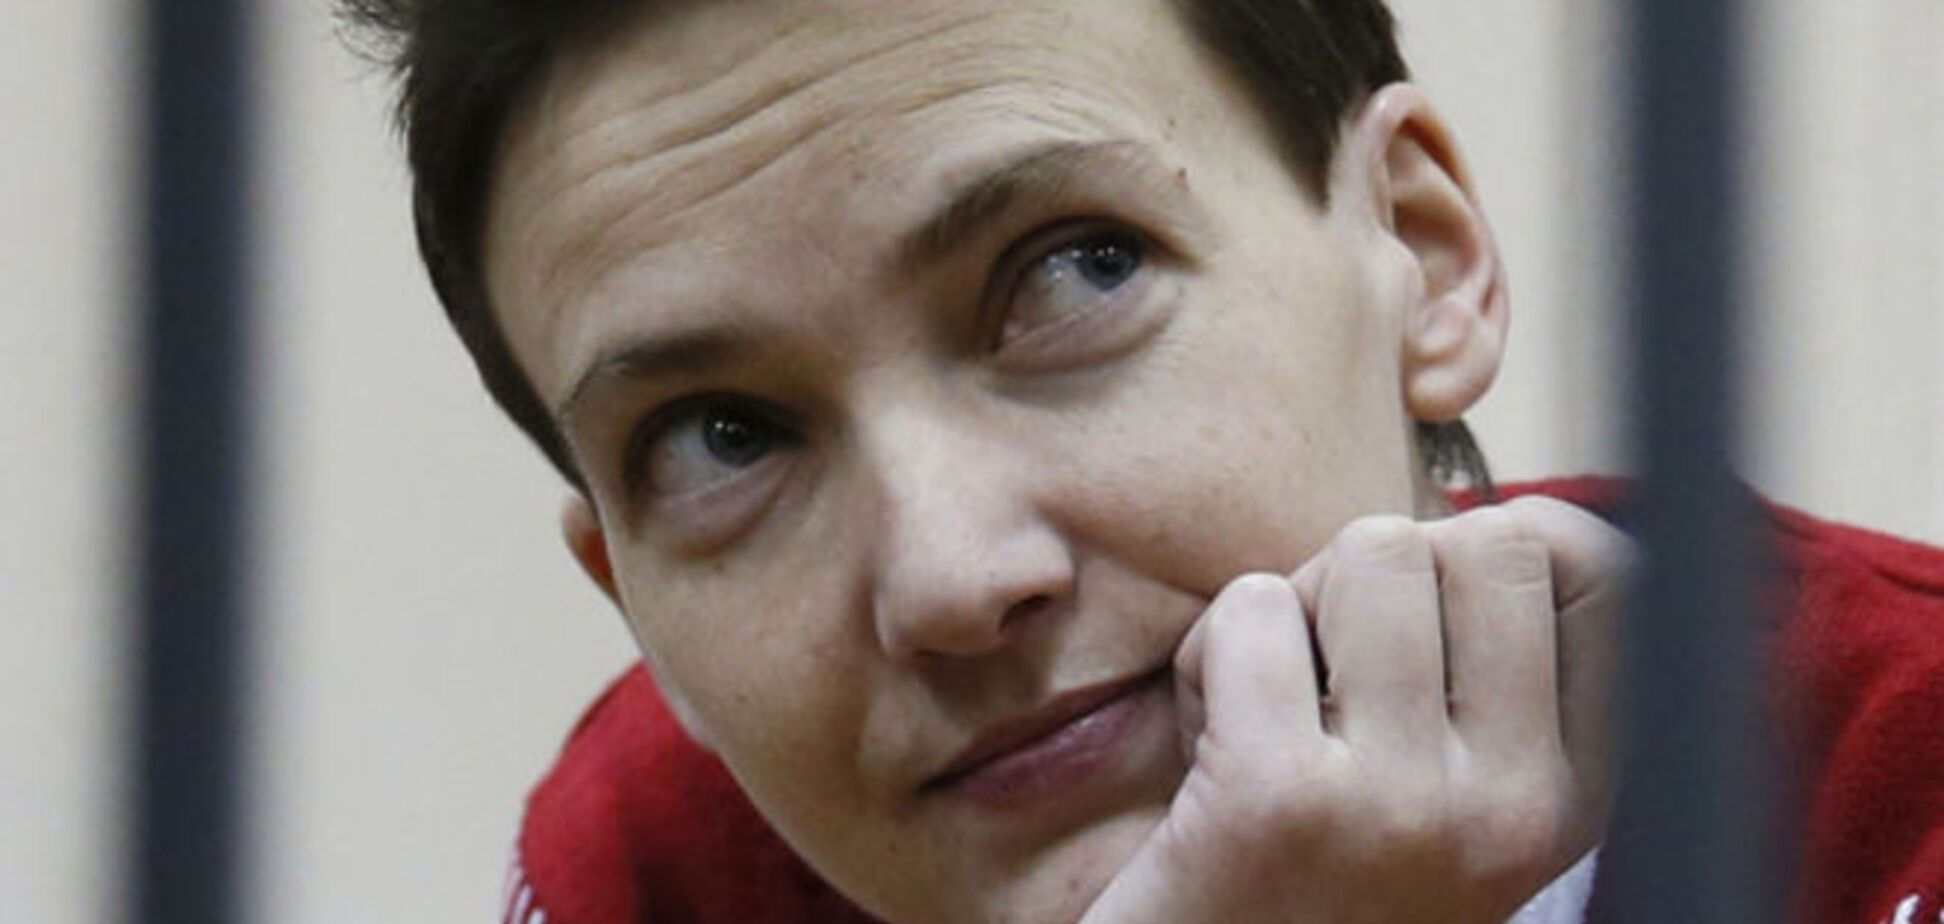 Савченко попросила тюремных врачей разработать ей питание для выхода из голодовки